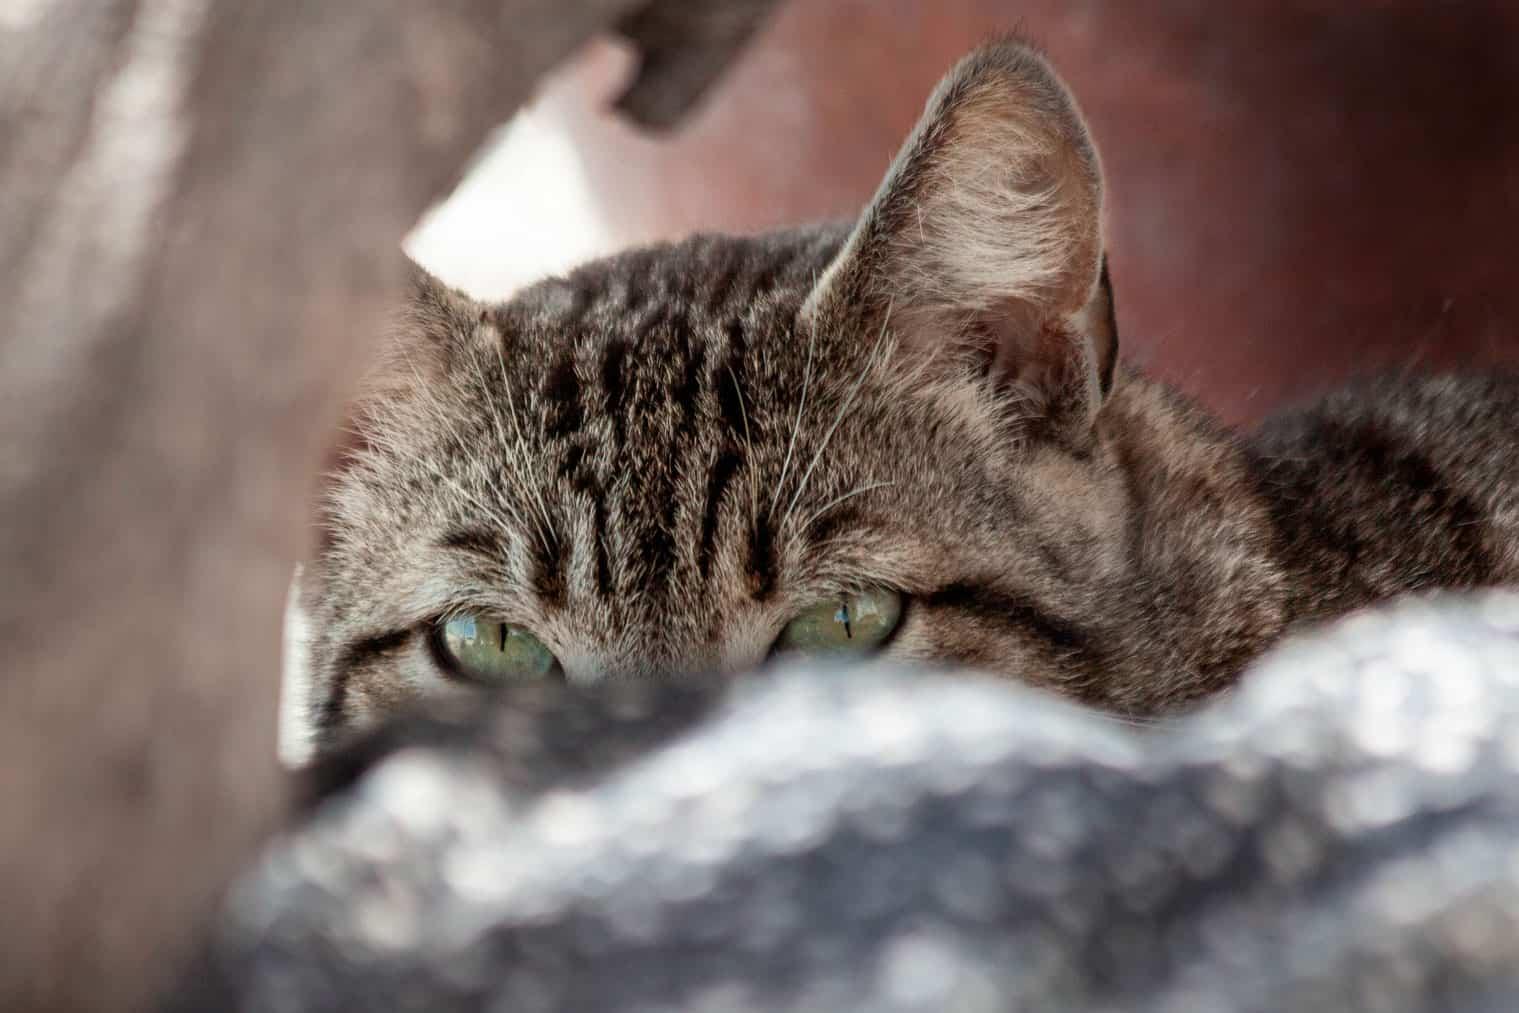 Grecia – Katze versteckt